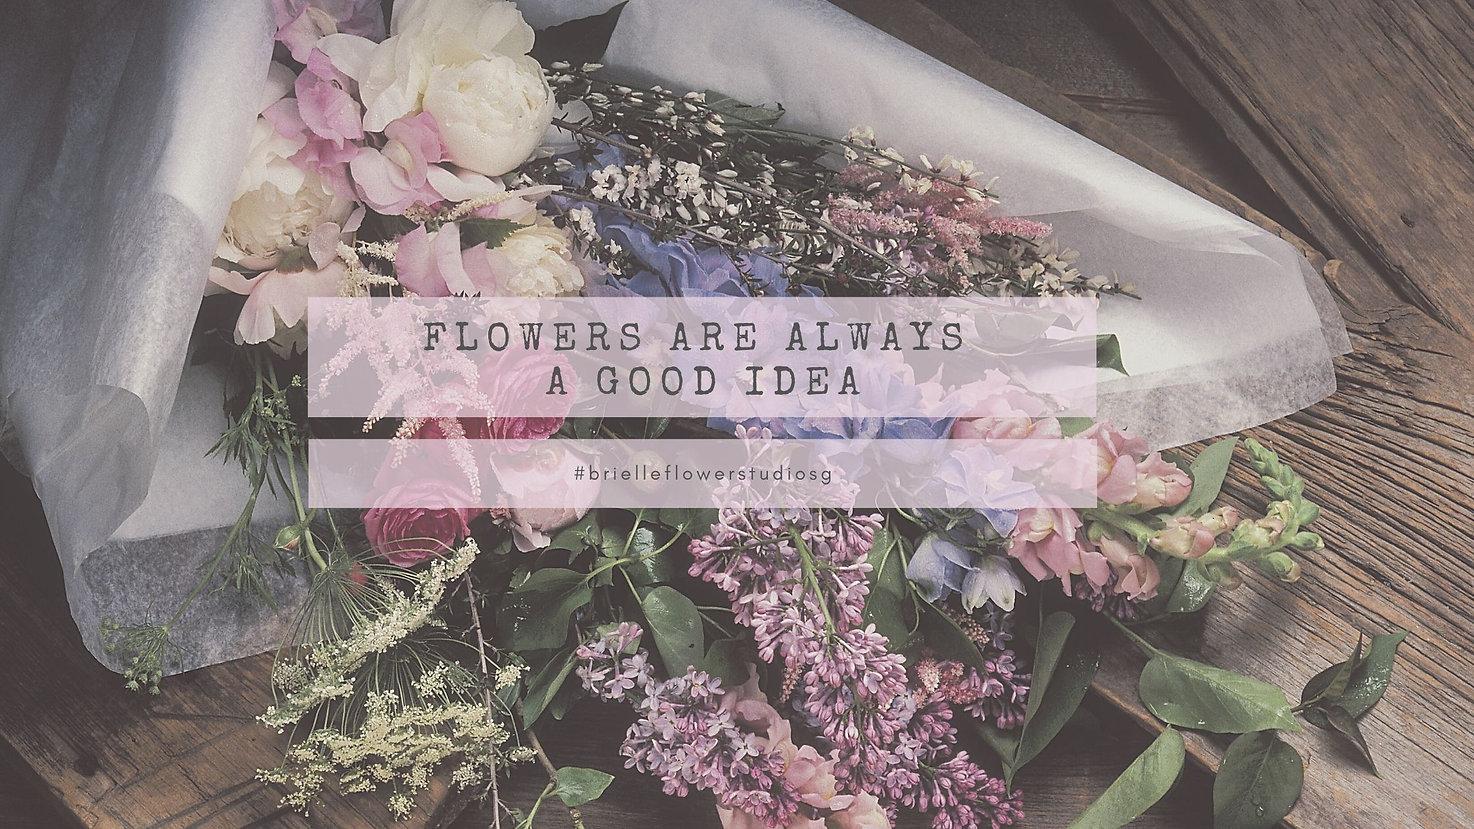 Flowers are always a good idea.jpg